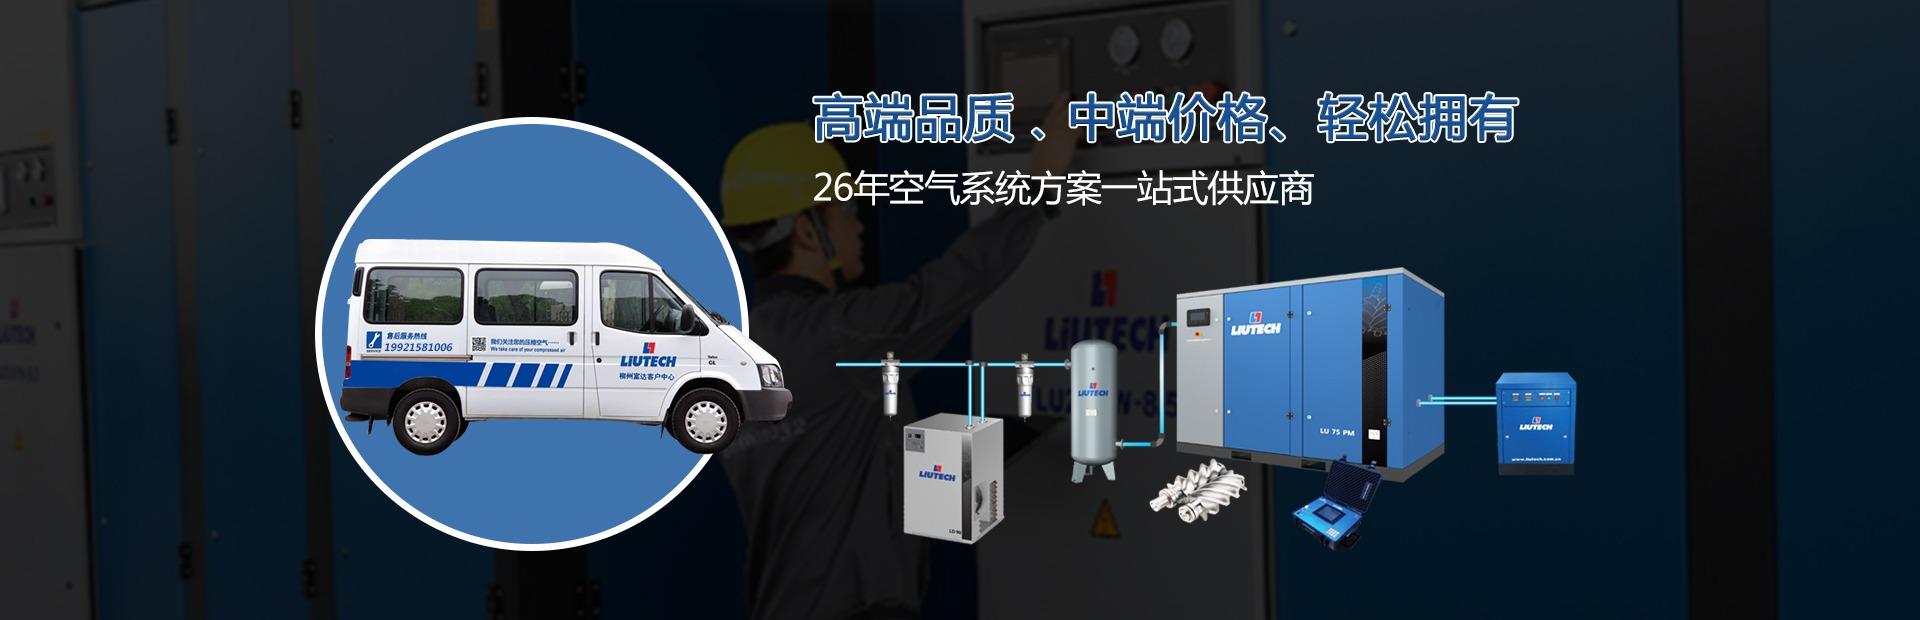 阿特拉斯,富达空压机提供一站式采购平台